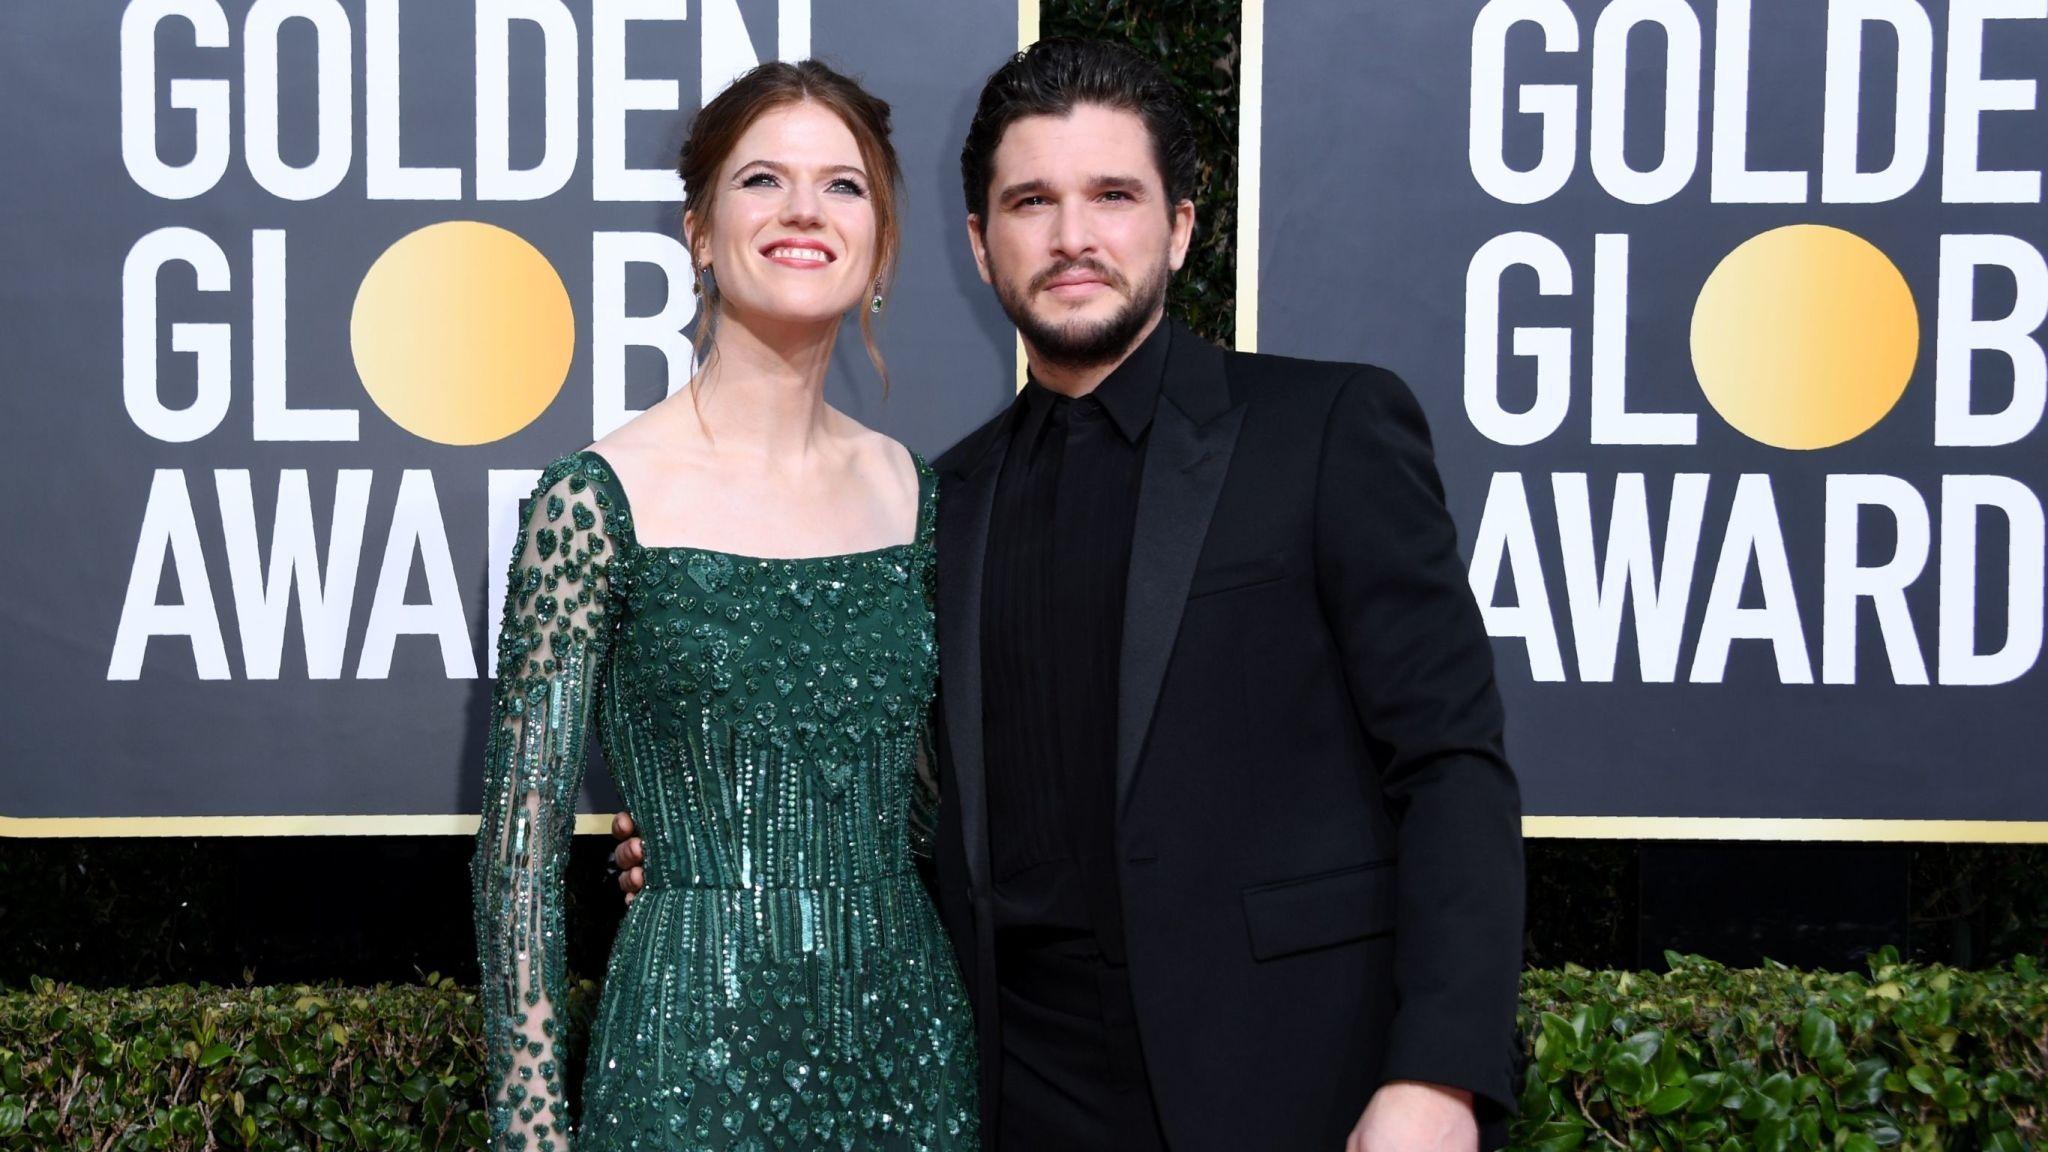 Golden Globes 2020 - Kit Harington and Rose Leslie